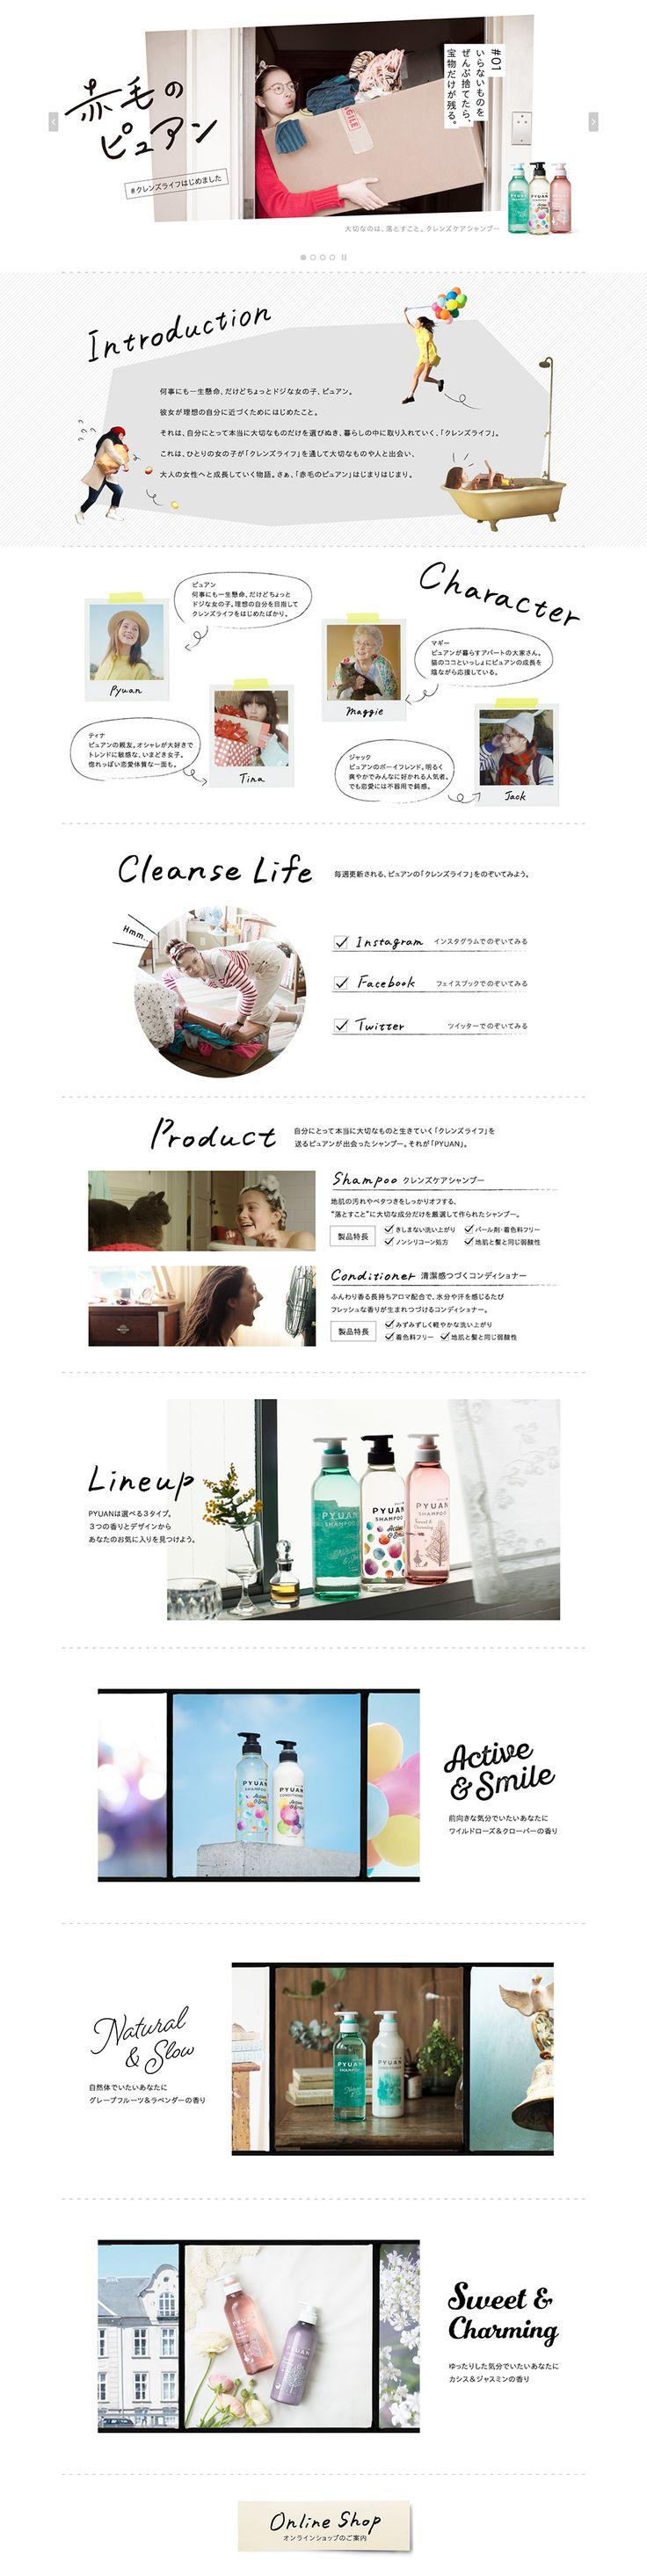 PYUAN|WEBデザイナーさん必見!ランディングページのデザイン参考に(シンプル系)